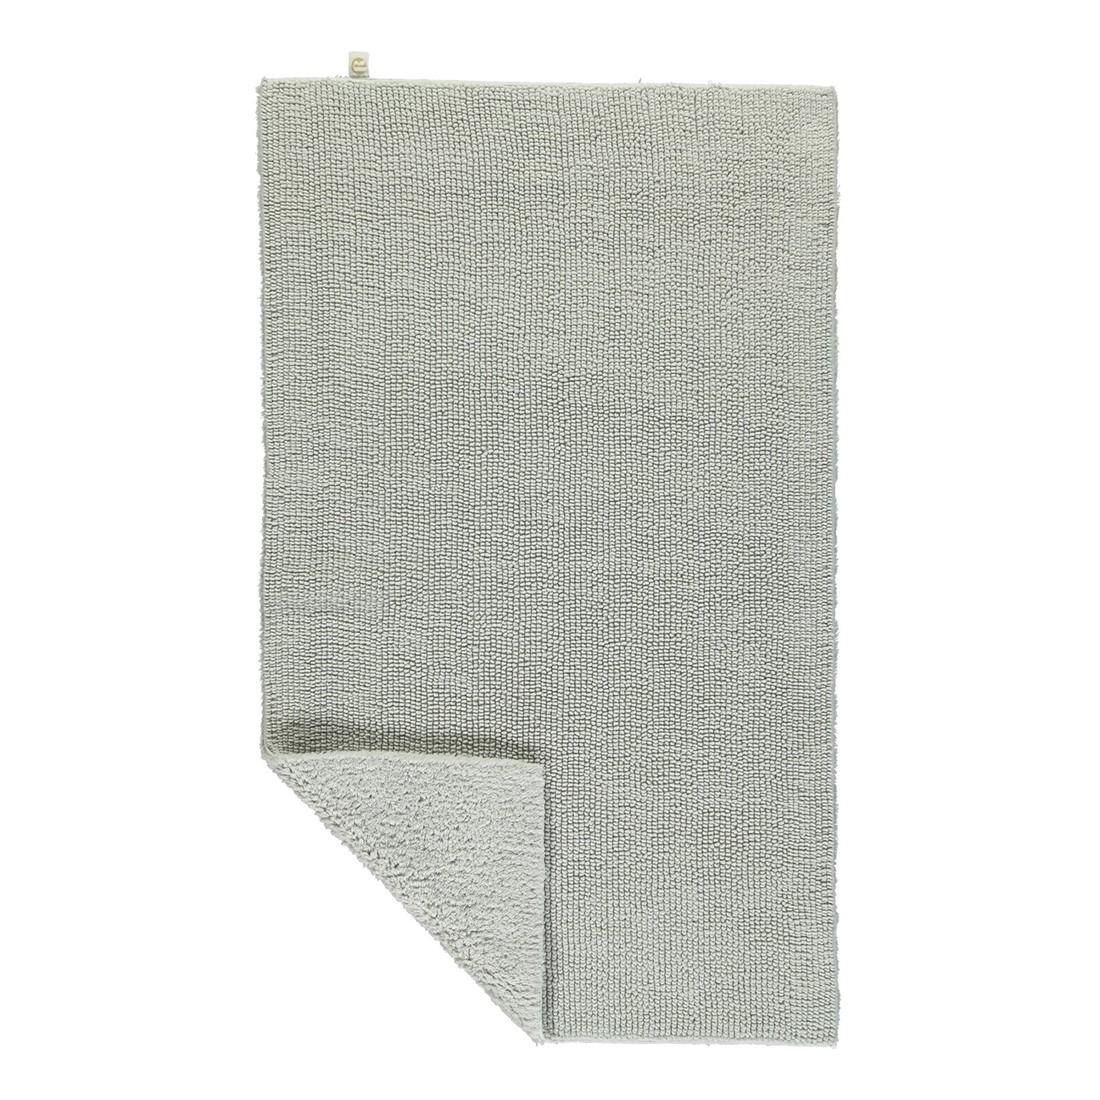 Badteppich Pur – 100% Baumwolle perlGrau – 11 – 60 x 60 cm, Rhomtuft bestellen